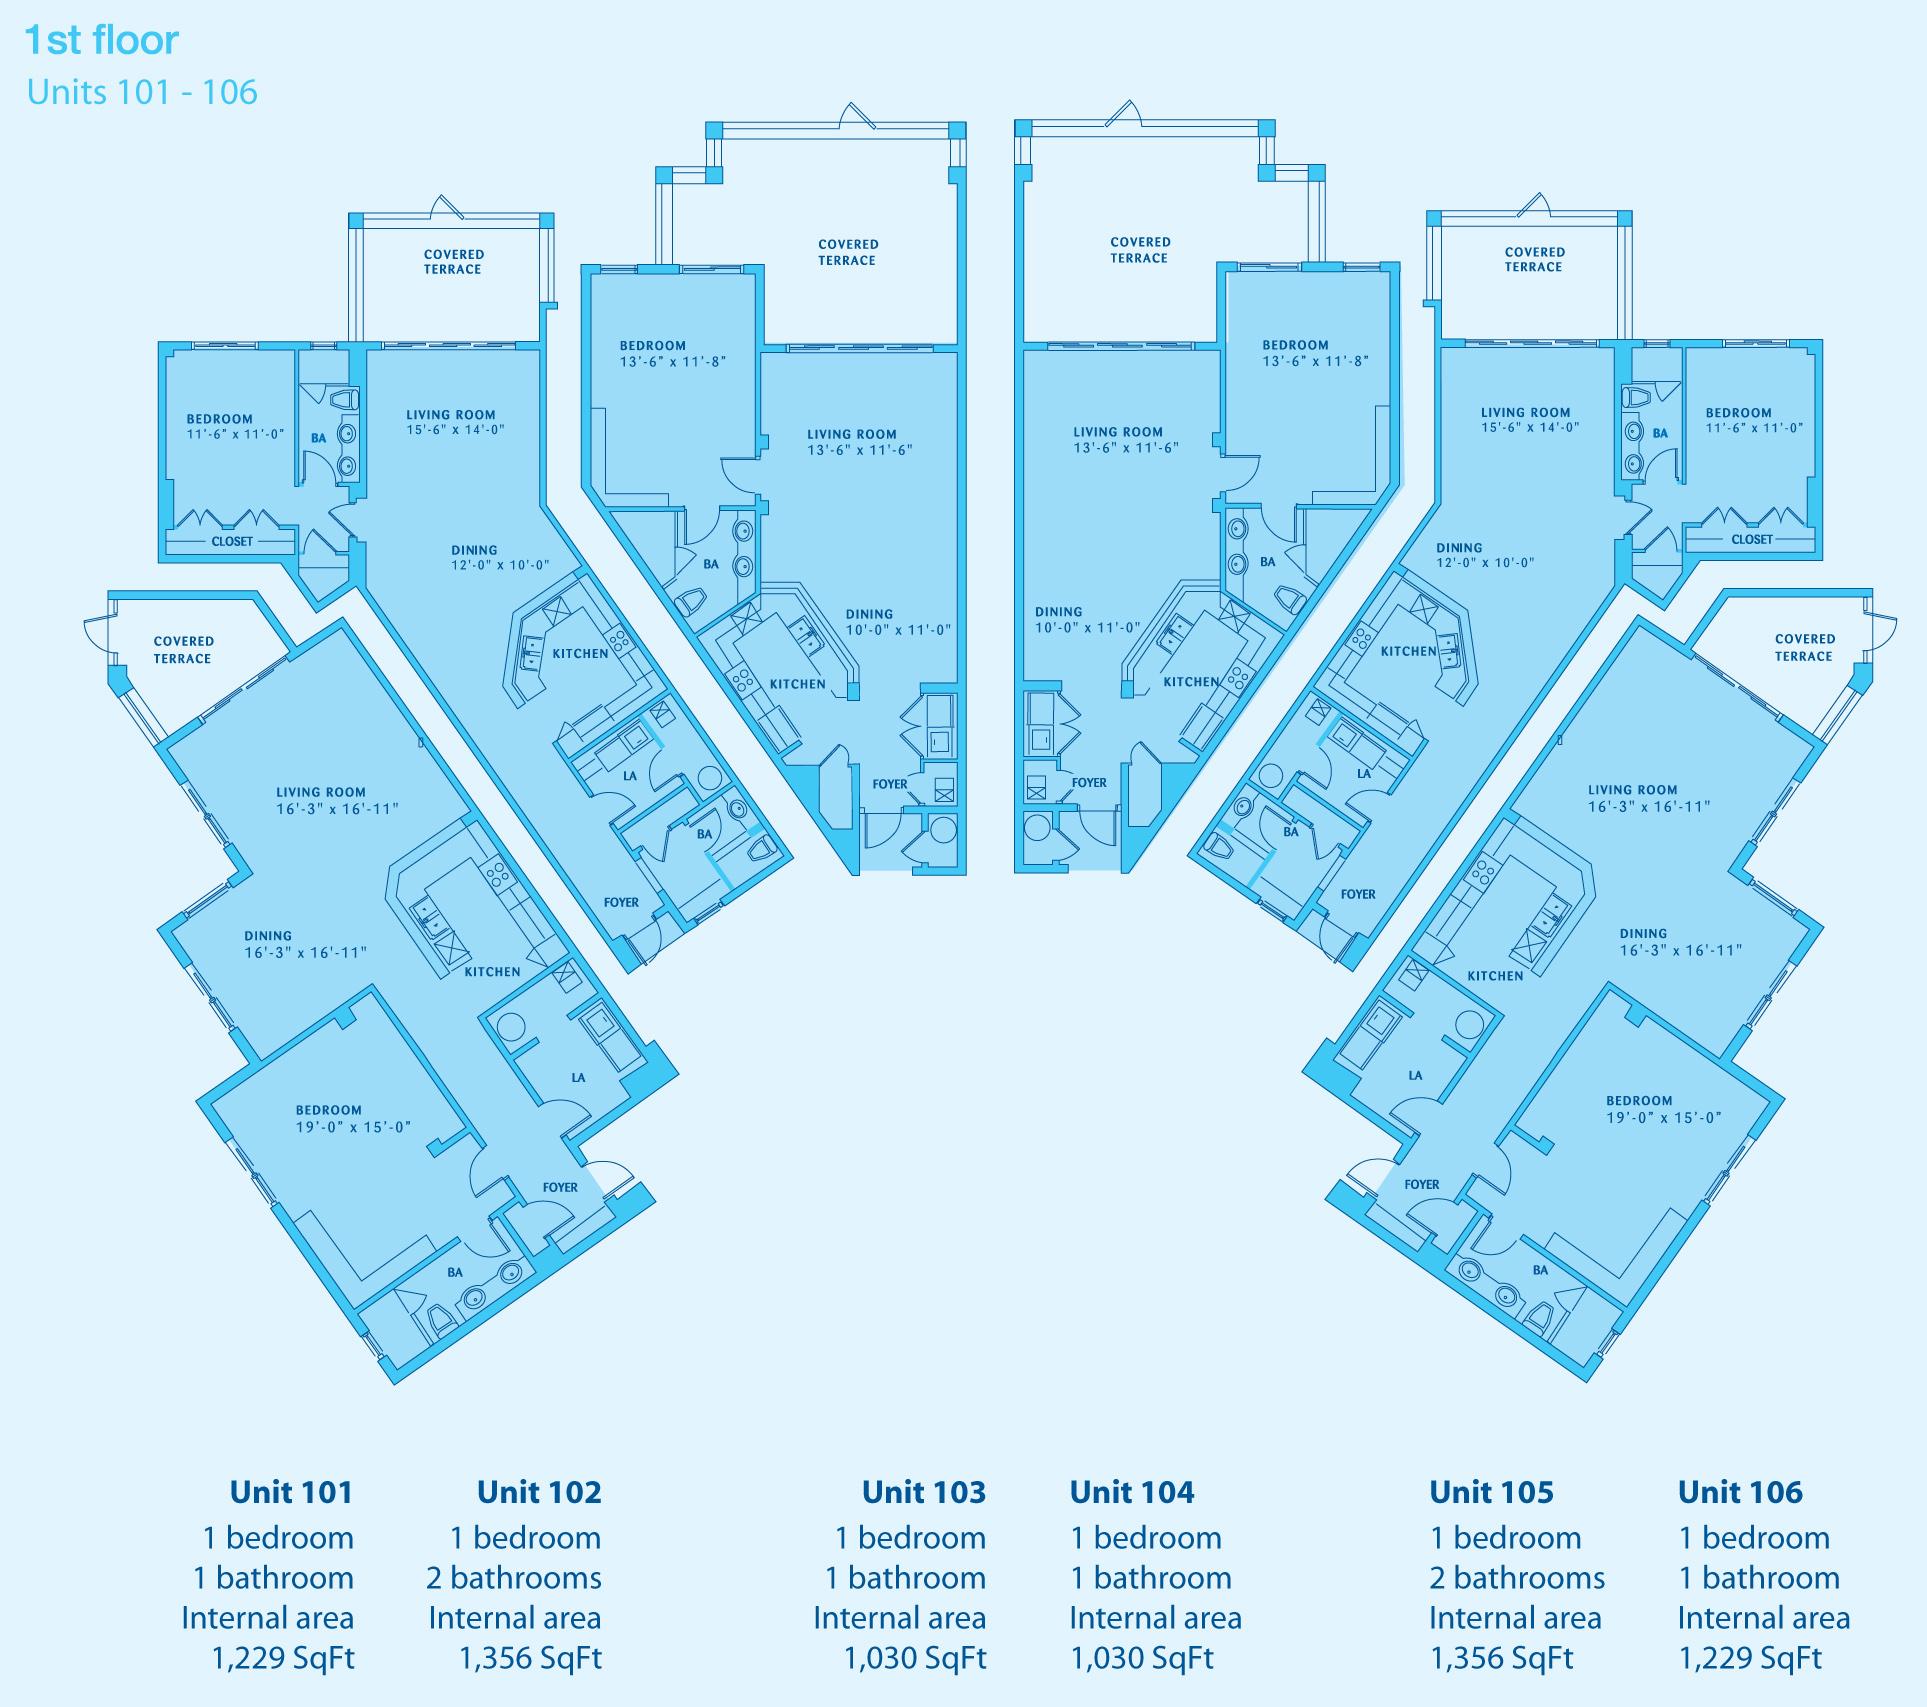 Suffolk_Court_1_bed_condo_plans.jpg